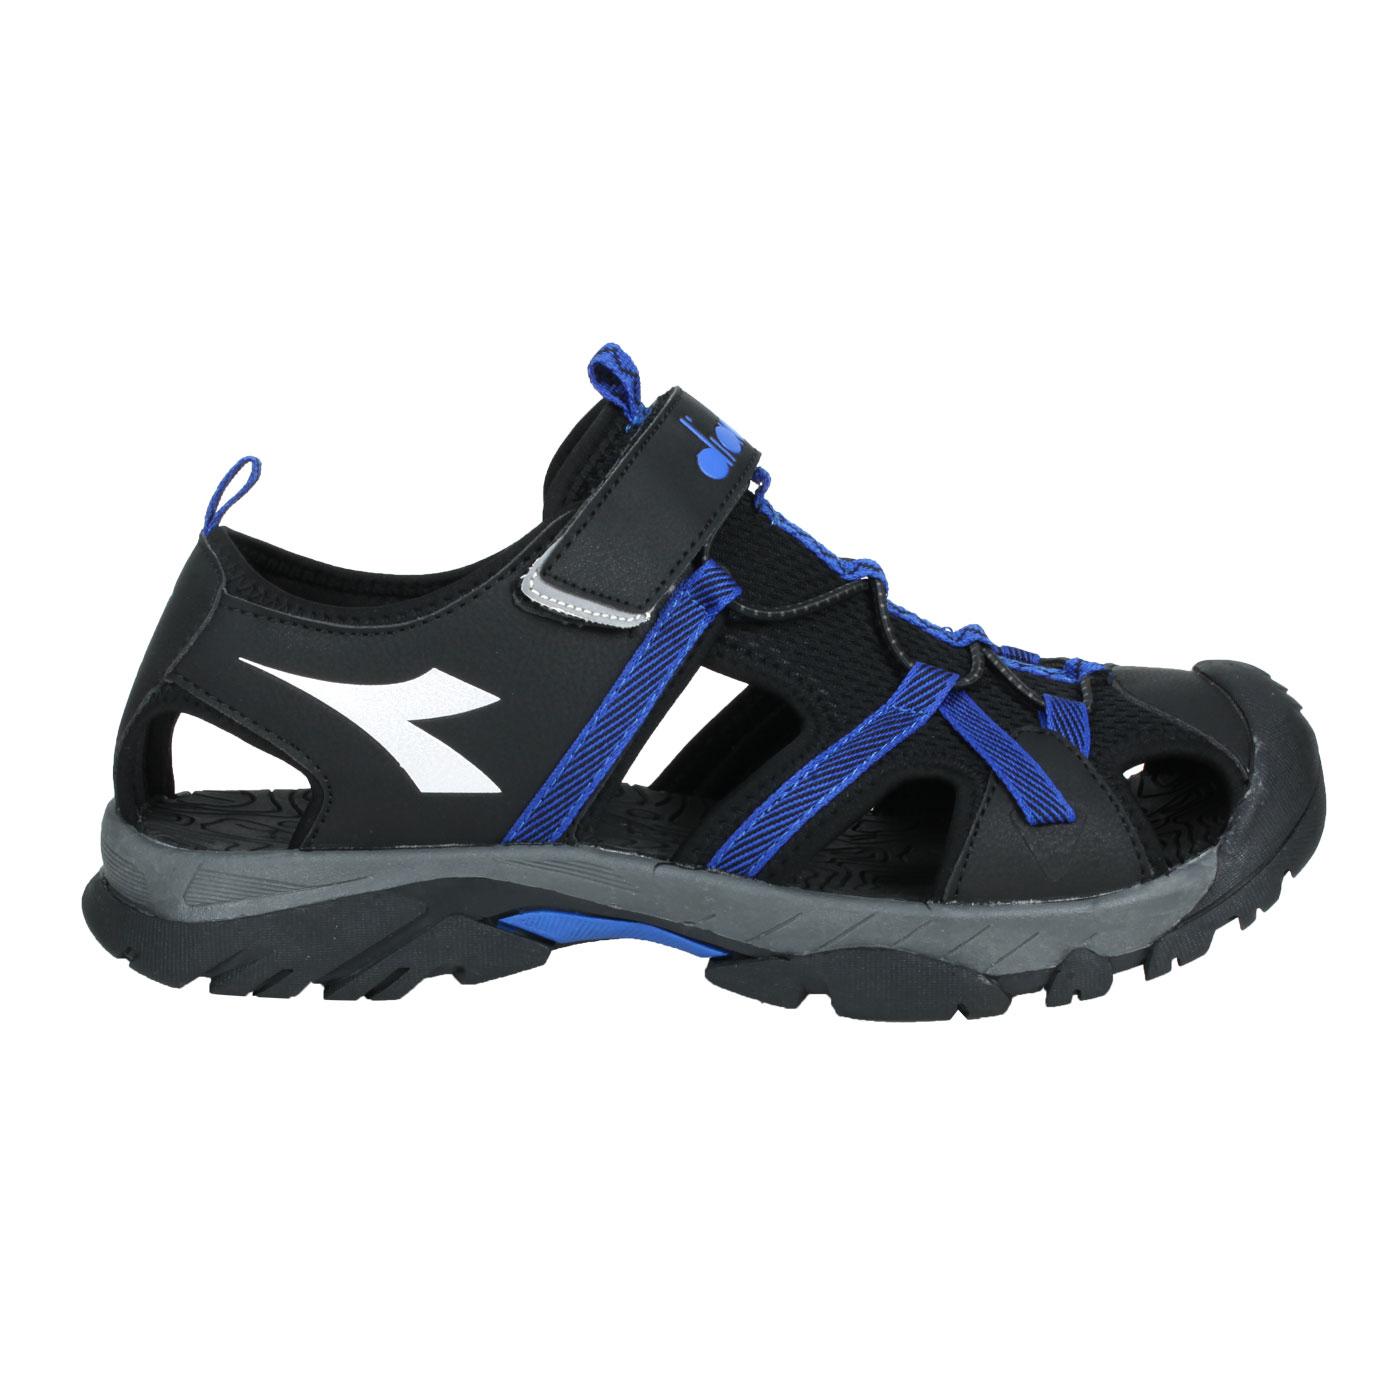 DIADORA 男款護趾運動涼鞋 DA71196 - 黑藍銀